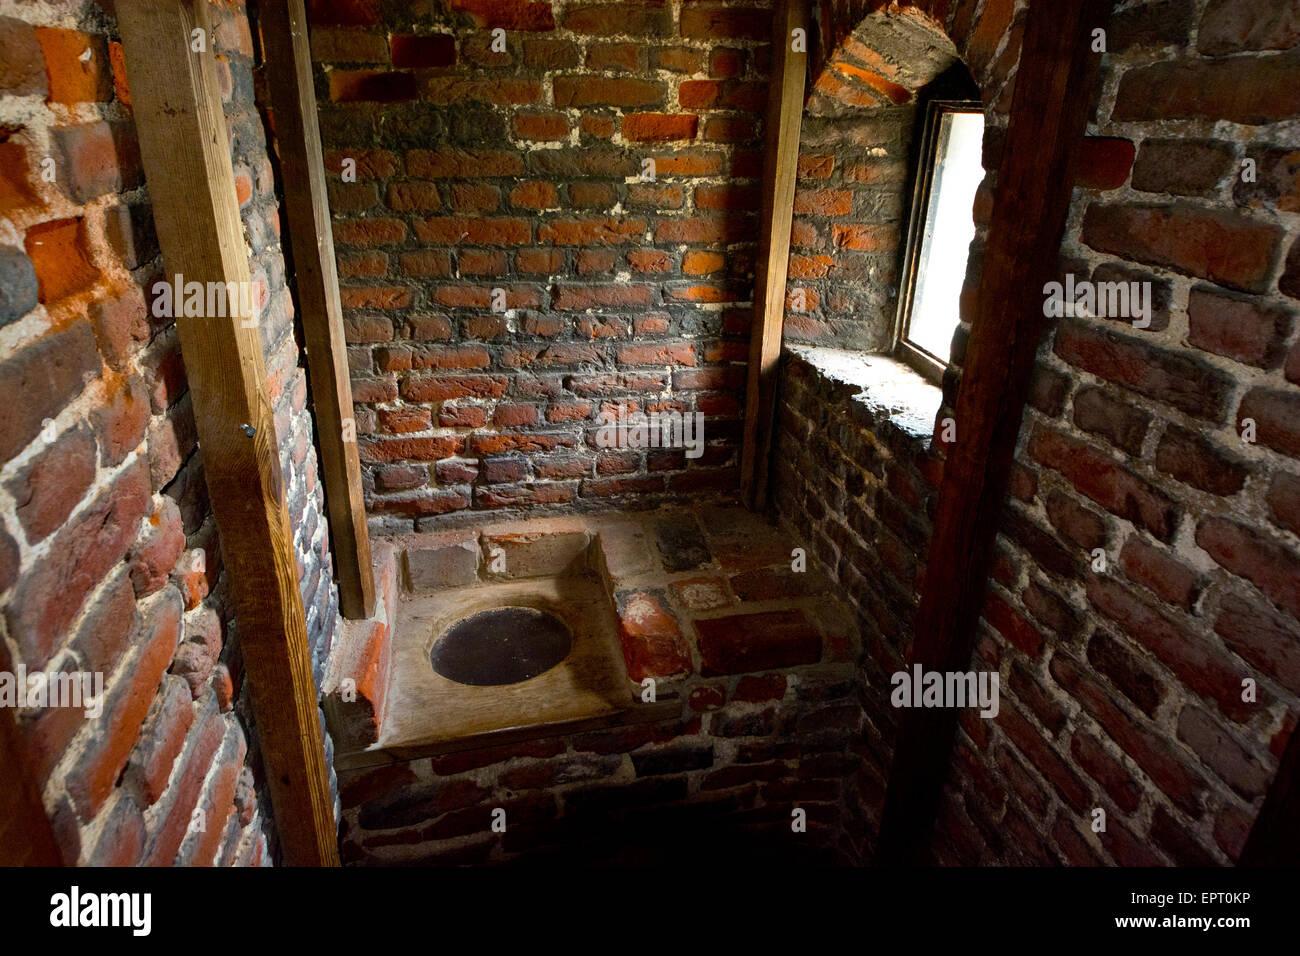 Garderobe Medieval Toilet Stock Photo 82891306